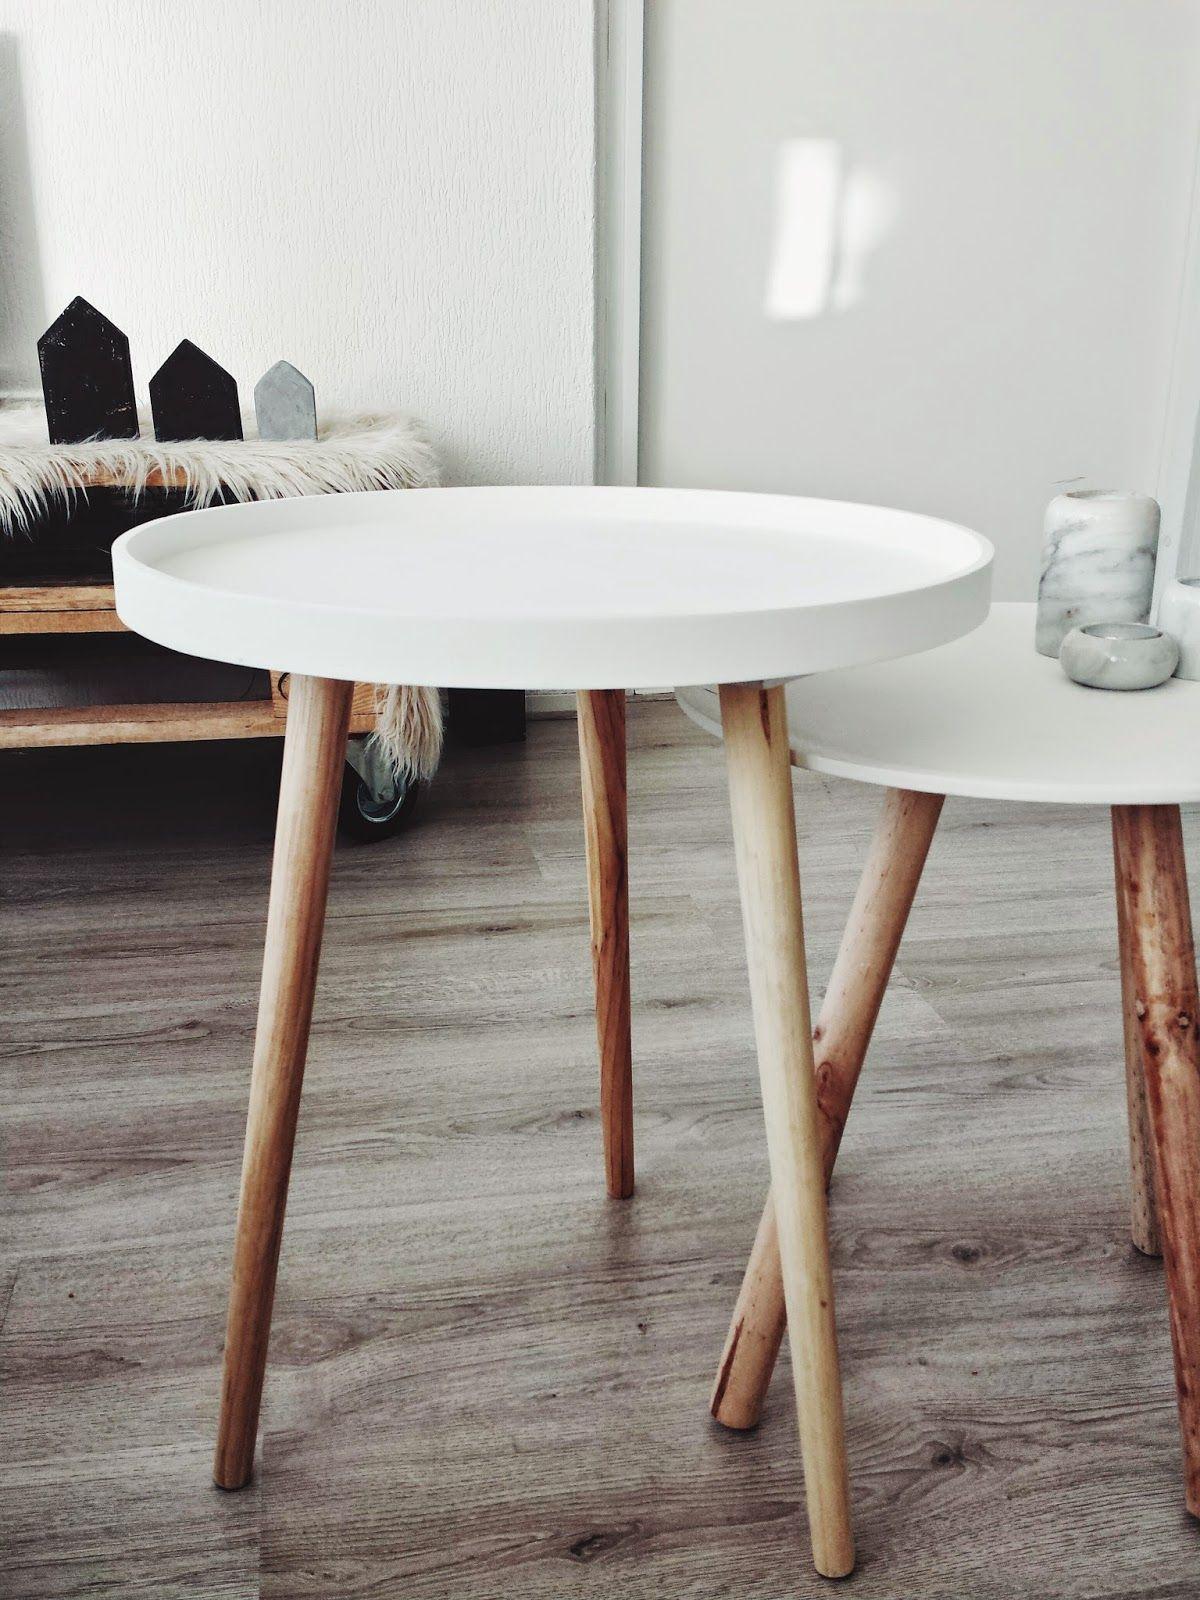 Mooihuis 2019 » leenbakker complete woonkamer   Mooihuis